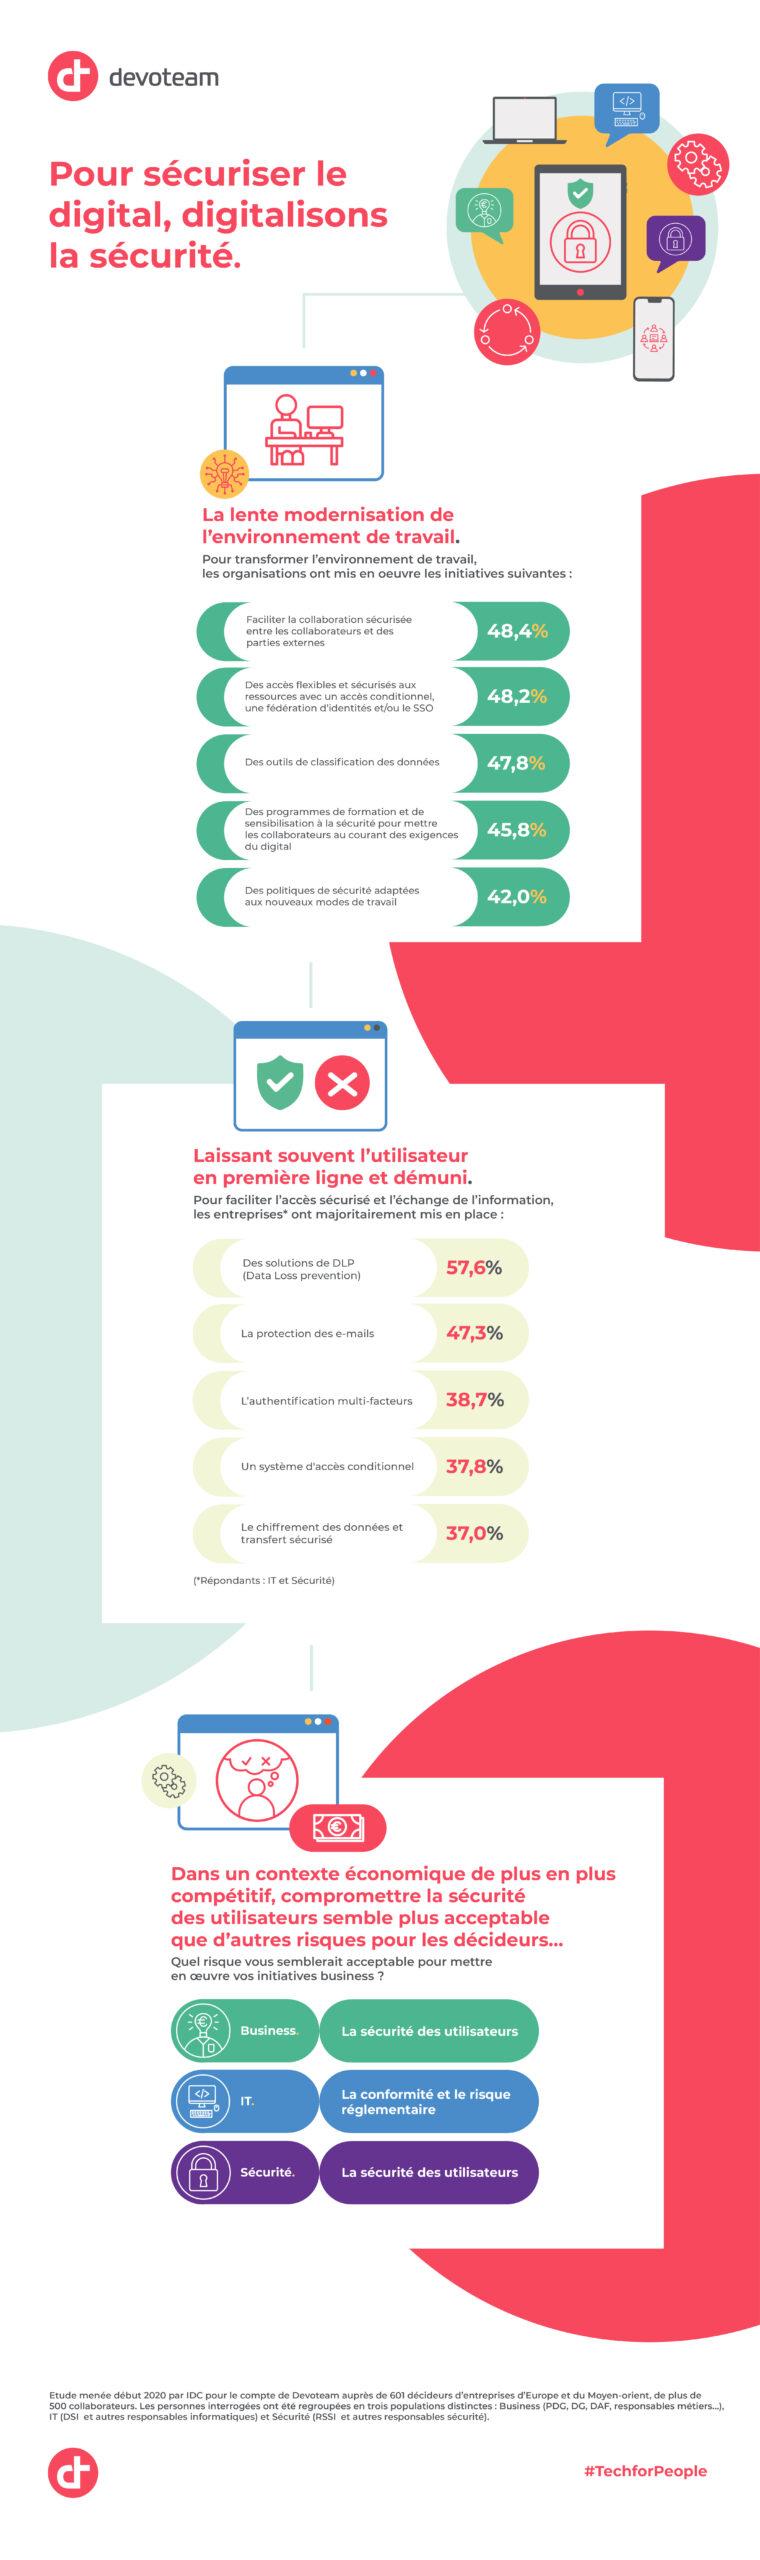 Livre blanc : digitalisons la sécurité l Par Devoteam x IDC